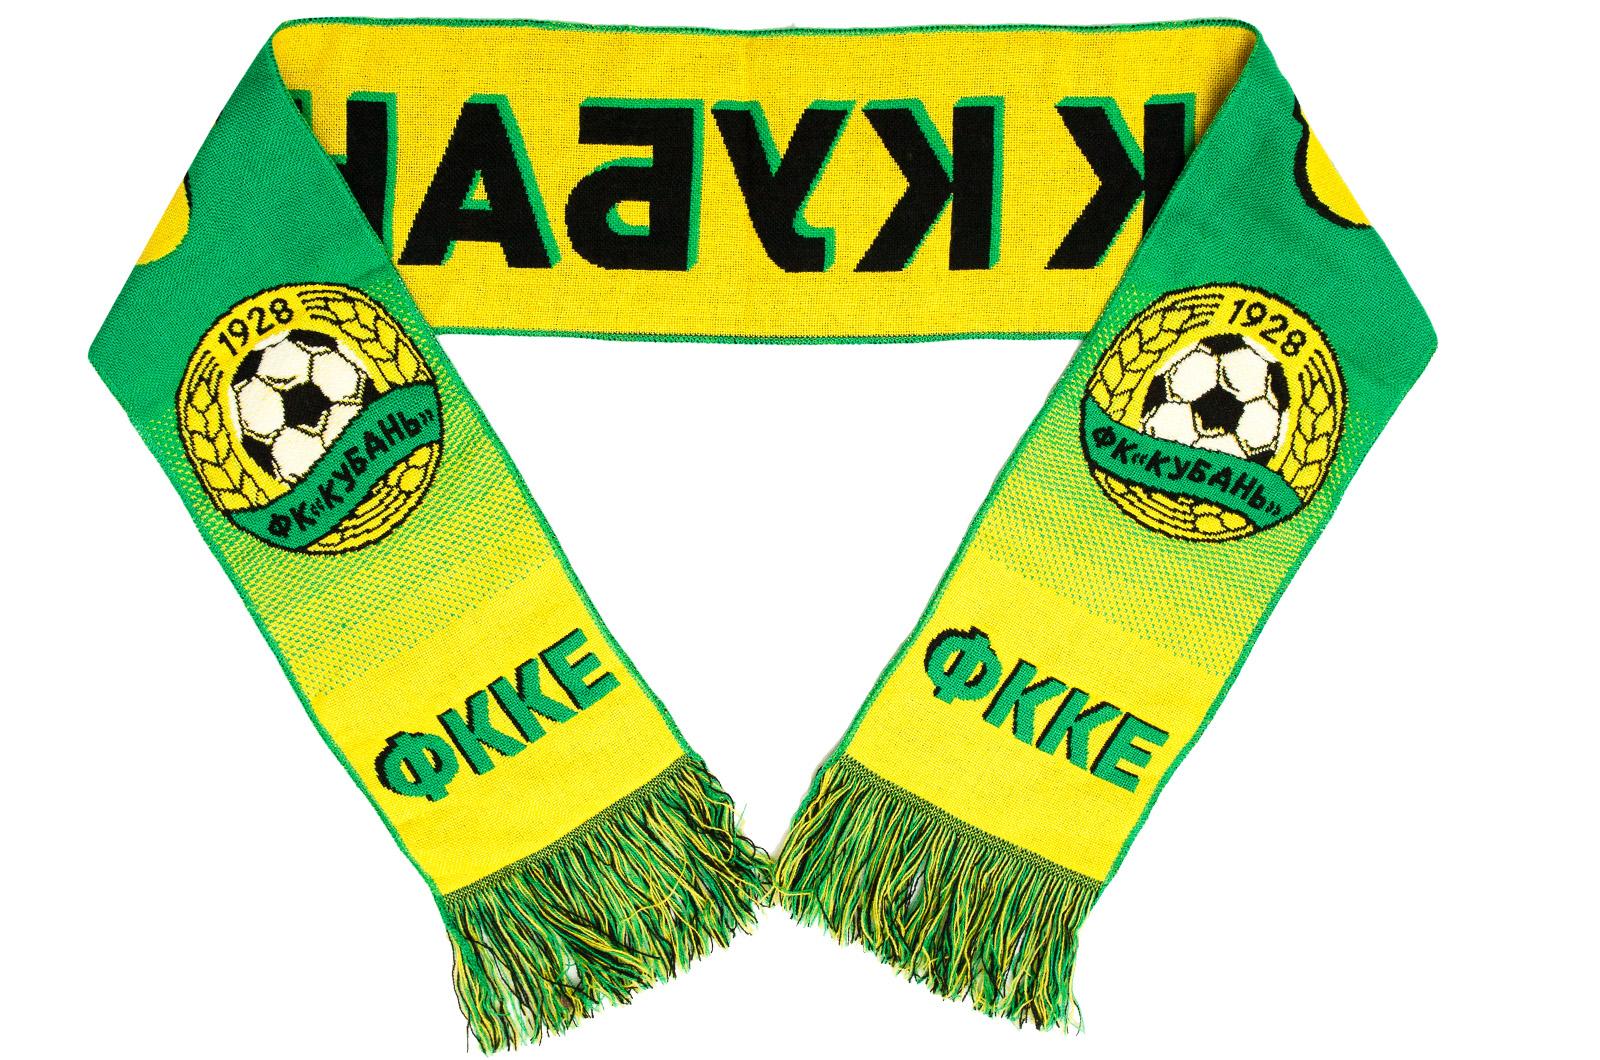 Фанатский шарф со скидками